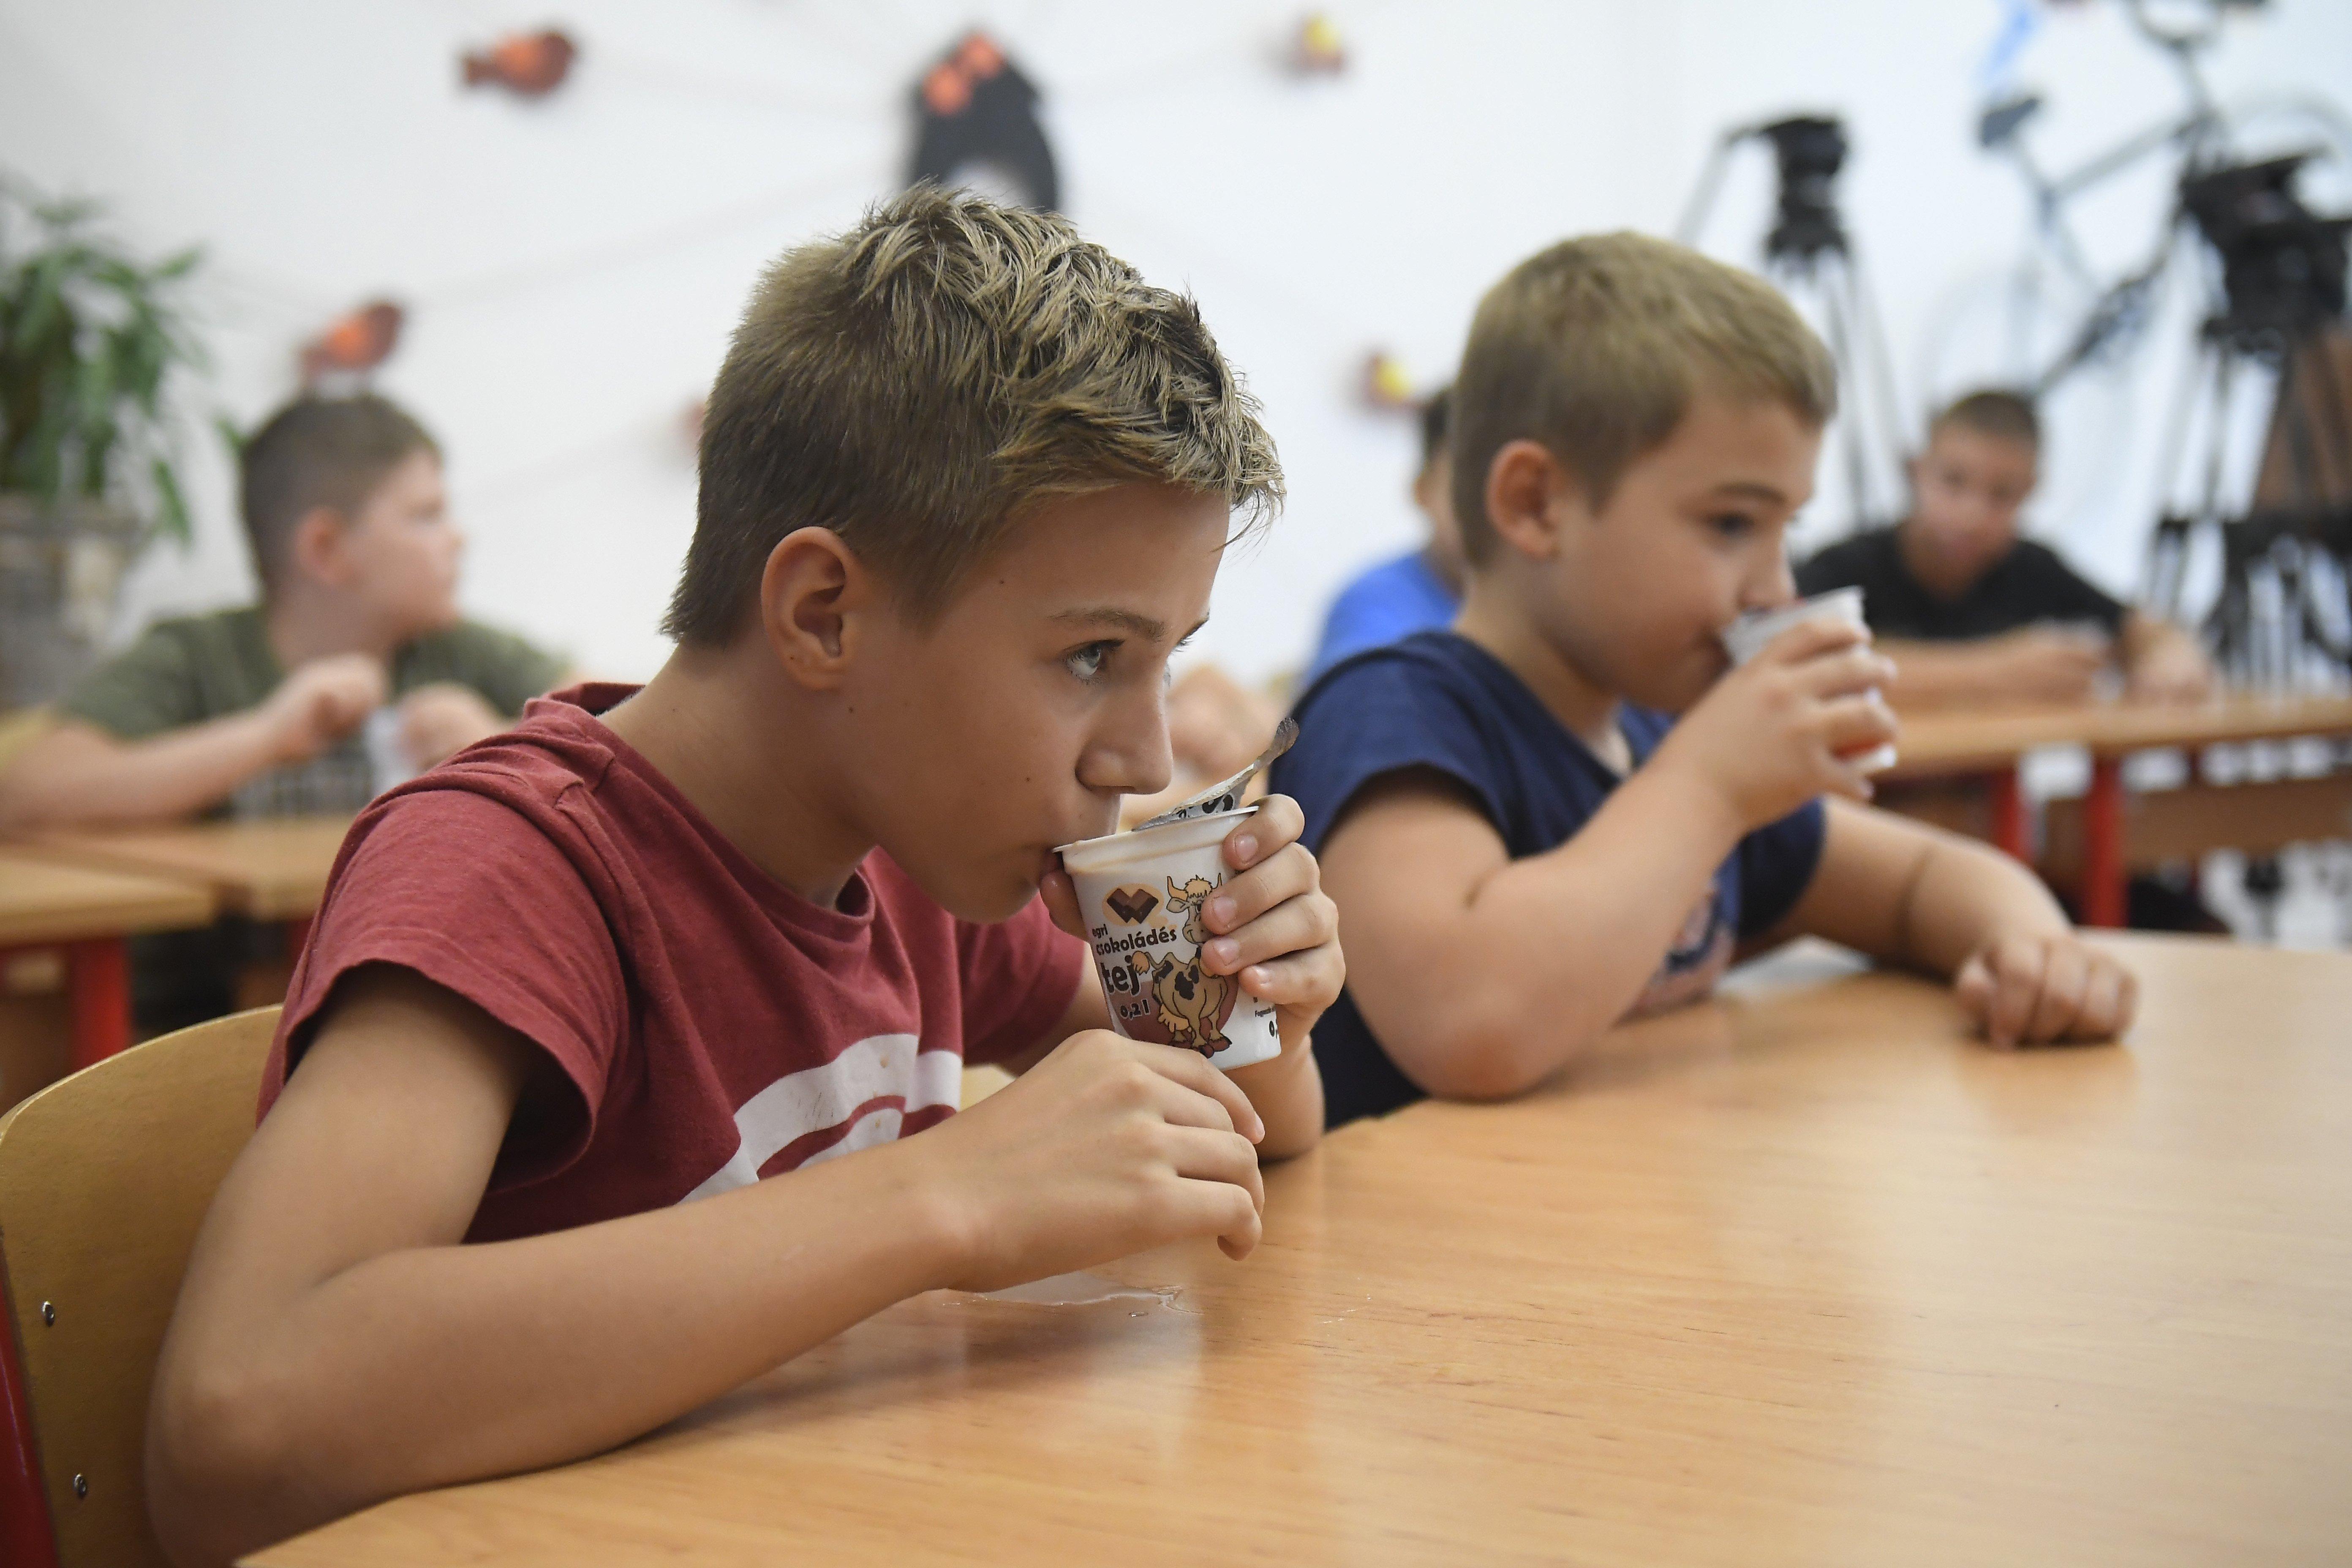 Egy pomázi iskolában kipróbálták azt, ami egyszerre jó a szülőknek, tanároknak és a háziorvosoknak is, és fényesen bevált